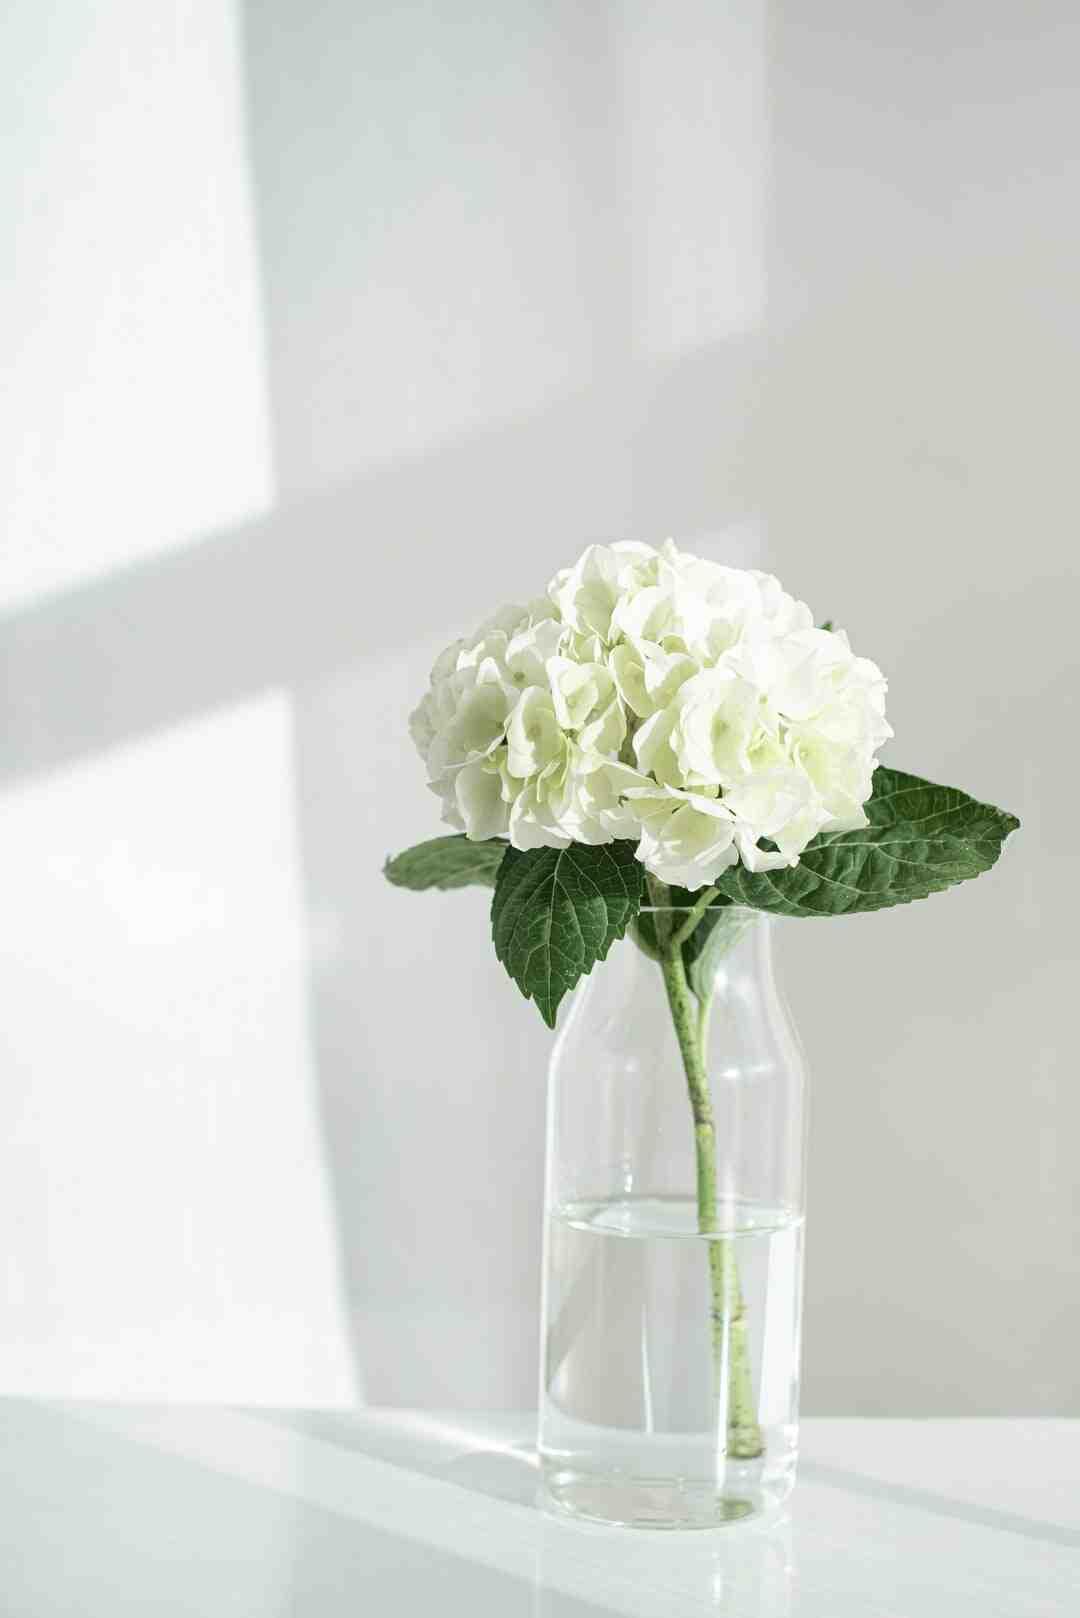 Quand planter un hortensia en pleine terre ?